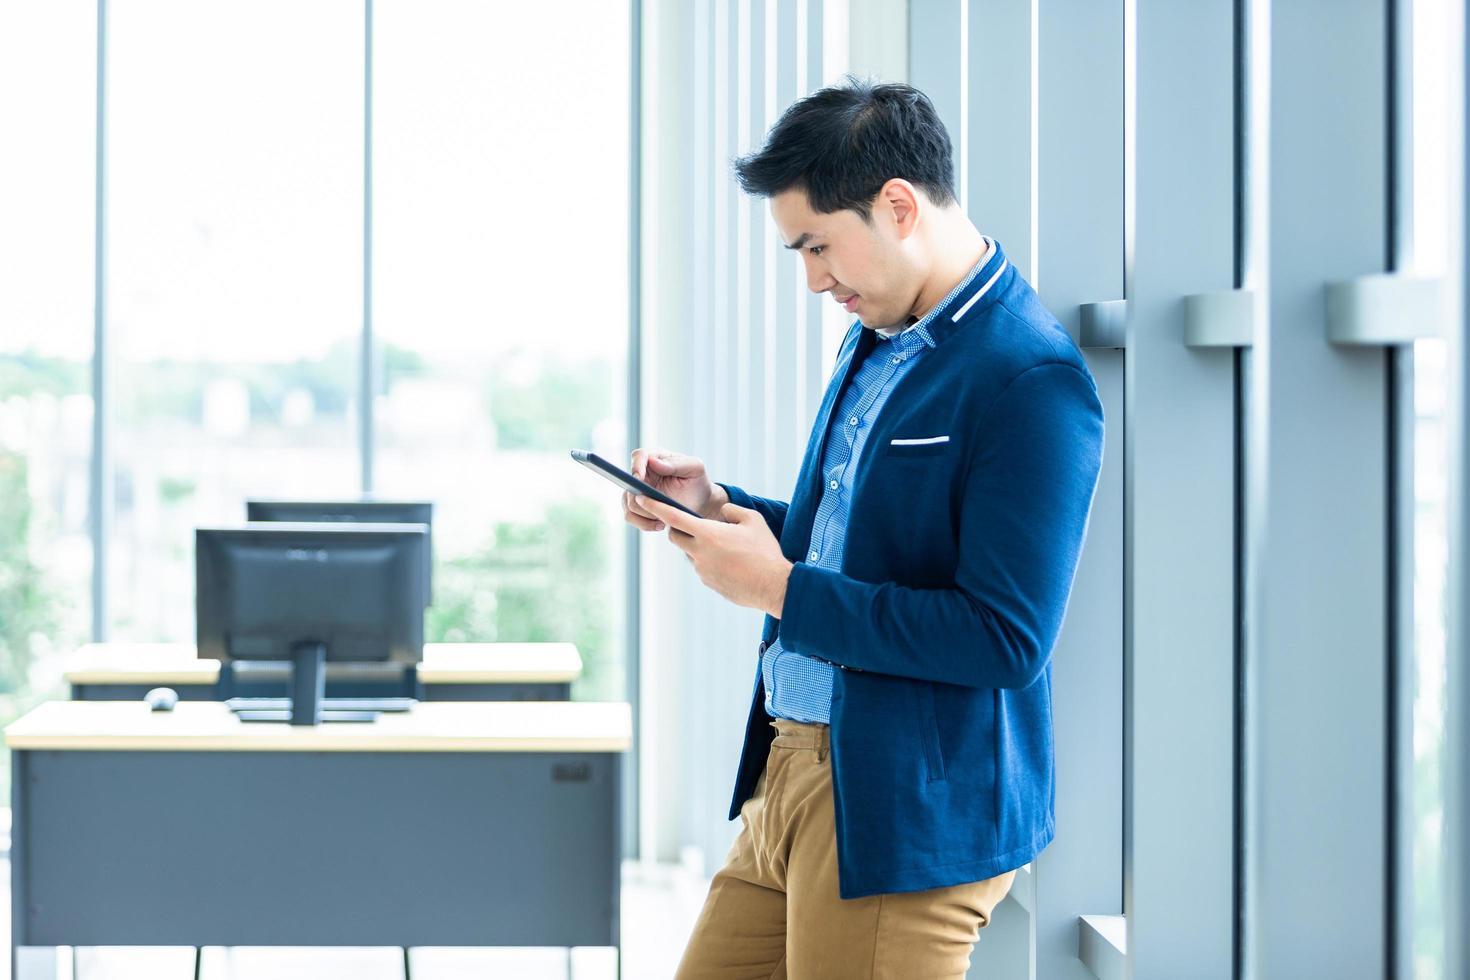 ung asiatisk entreprenör som använder mobil surfplatta på jobbet foto